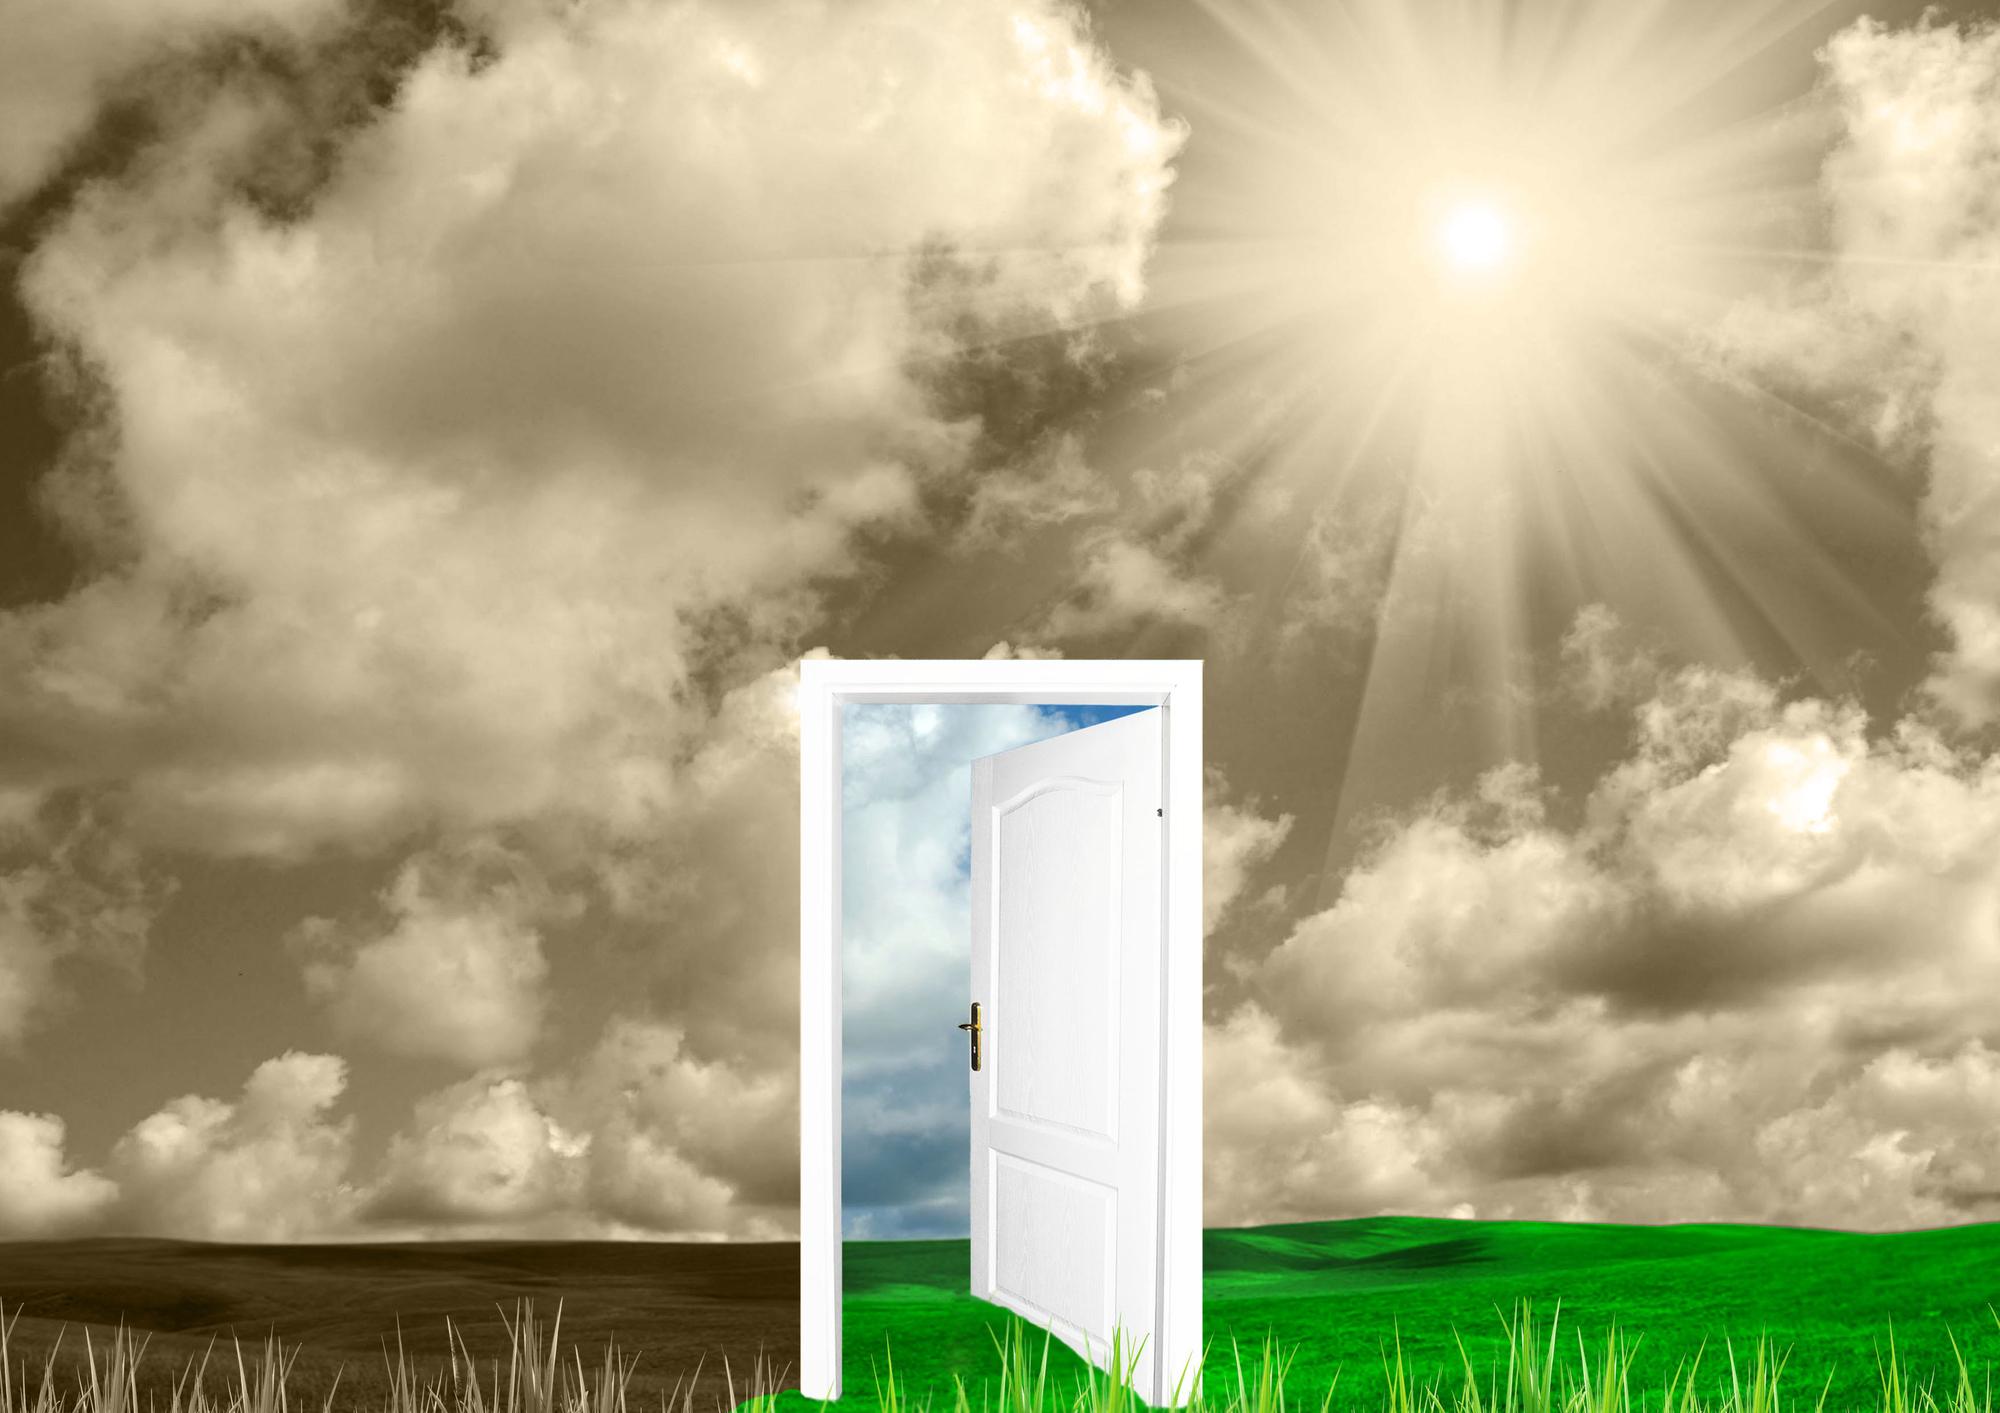 太陽に問いただされる自分の人生とは、仕事の働き方の捉え方を見直す機会。